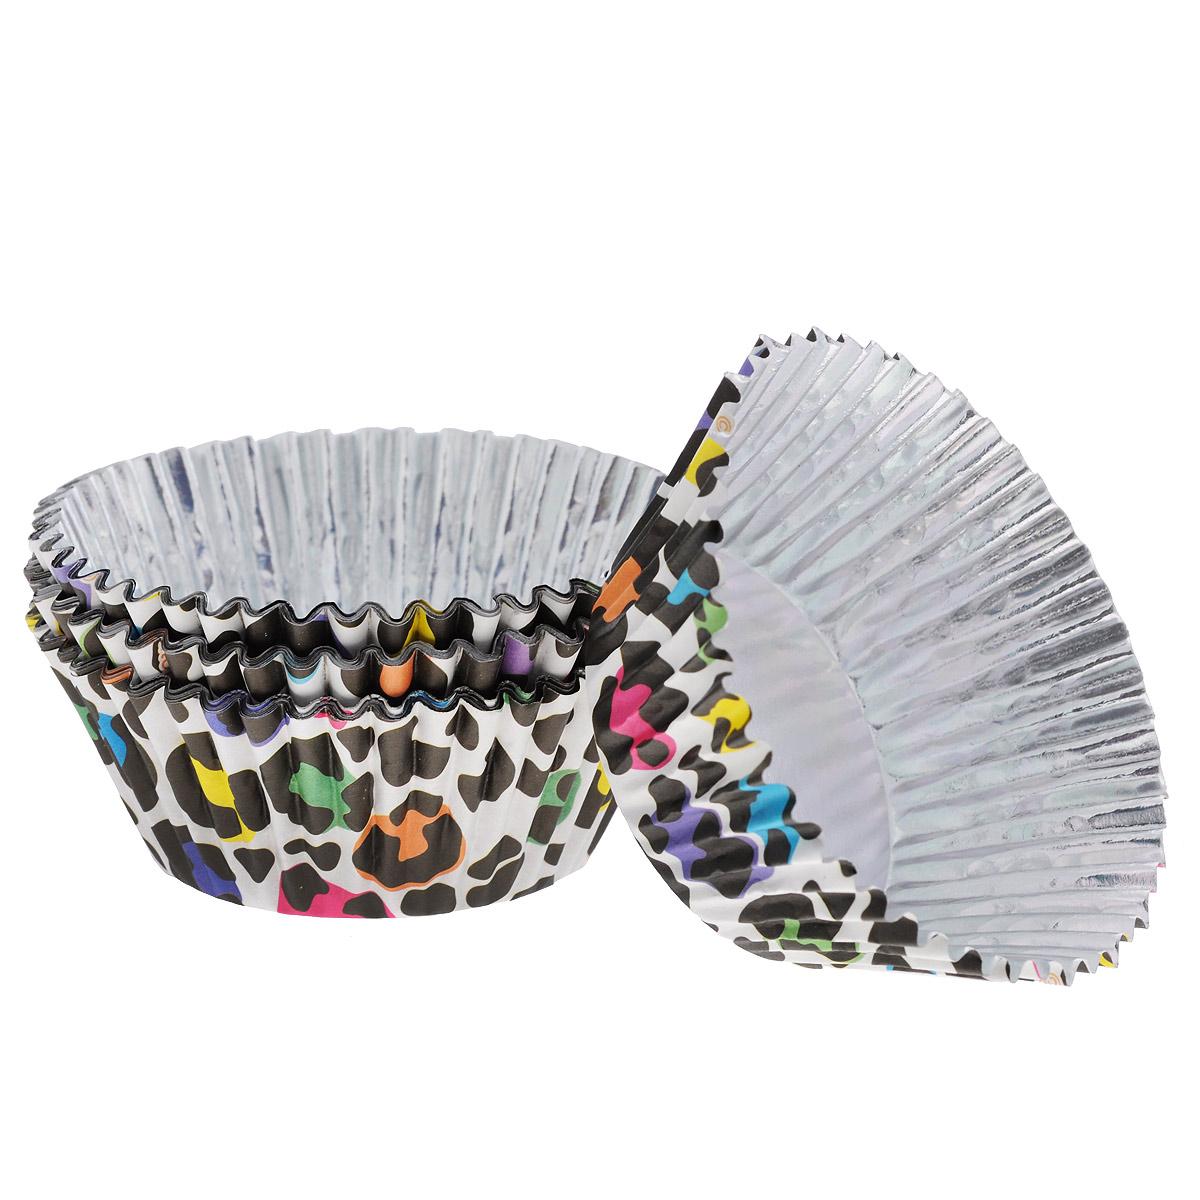 Набор бумажных форм для кексов Wilton Леопард, диаметр 7 см, 36 штWLT-415-2157Набор Wilton Леопард состоит из 36 бумажных форм для кексов. Они предназначены для паковки кондитерских изделий, также могут использоваться для сервировки орешков, конфет и др. Внутри формы оснащены специальным фольгированным вкладышем, благодаря которому изделия не требуют предварительной смазки маслом или жиром. Высота стенки: 3 см. Диаметр (по верхнему краю): 7 см. Диаметр дна: 5 см.